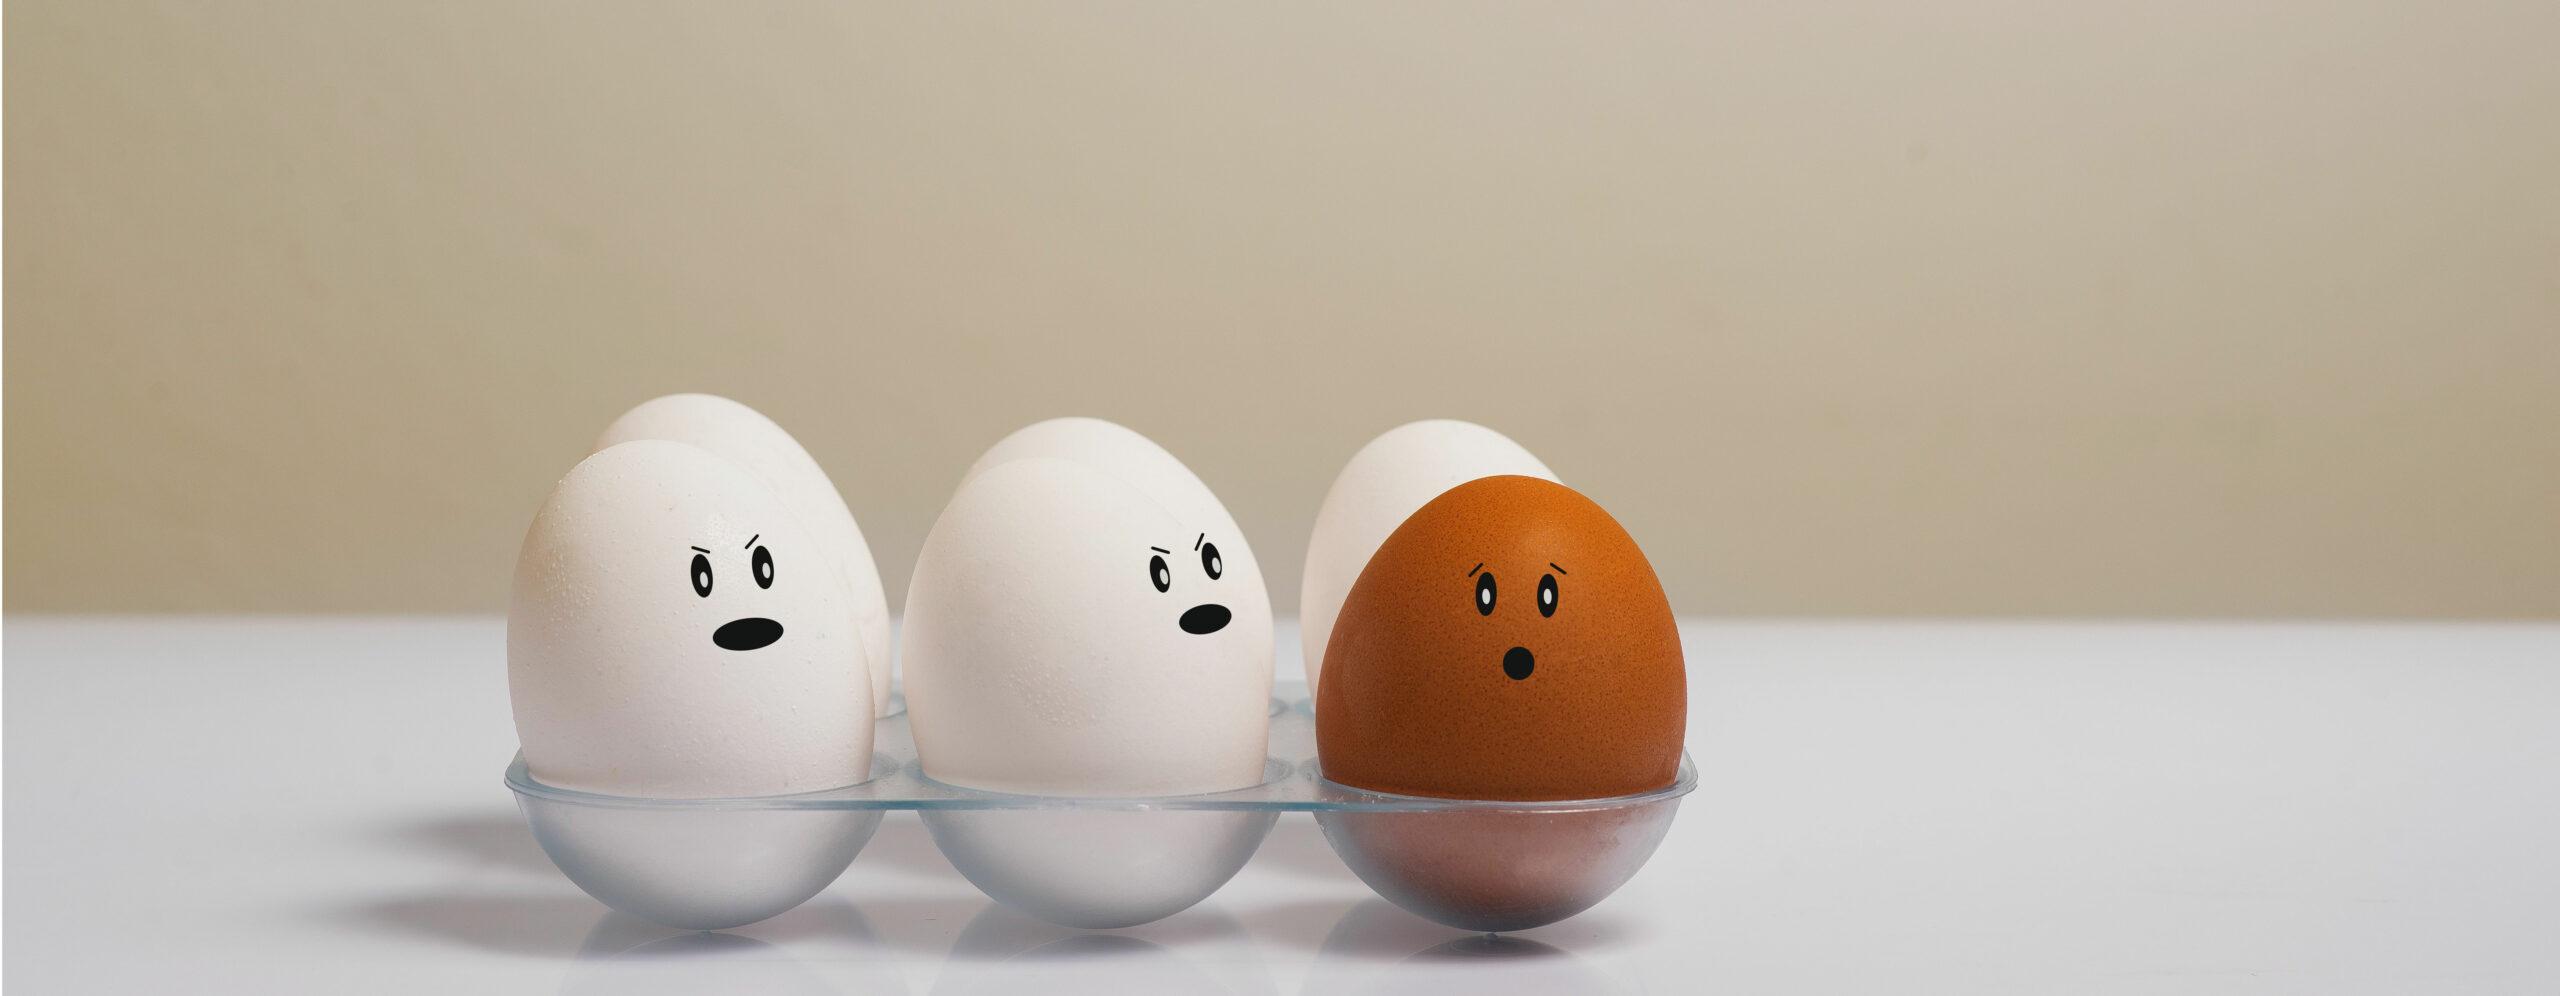 Drei Eier mit Gescihtern